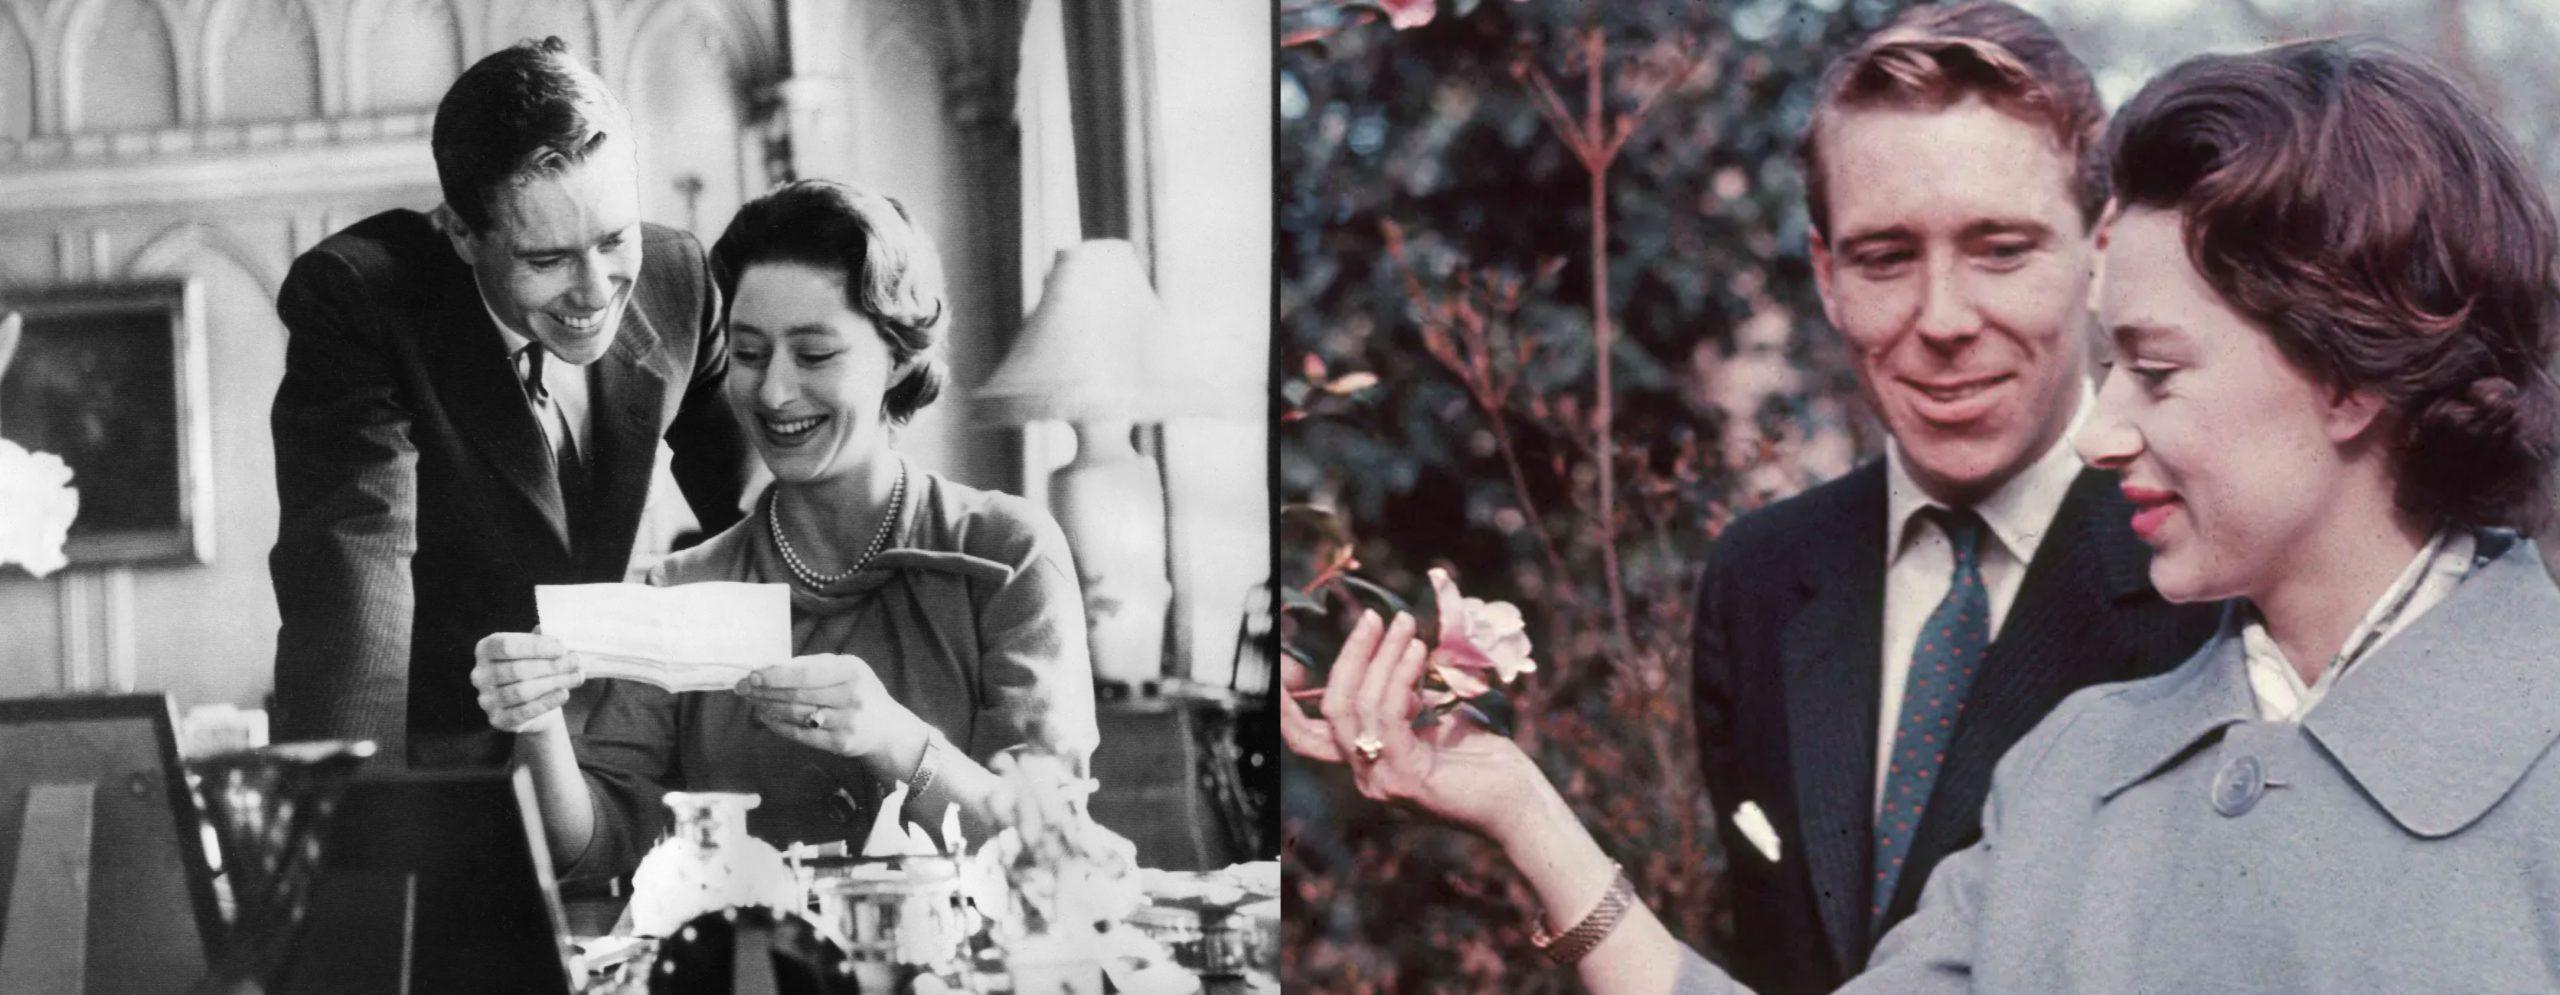 Princess Margaret engagement ring